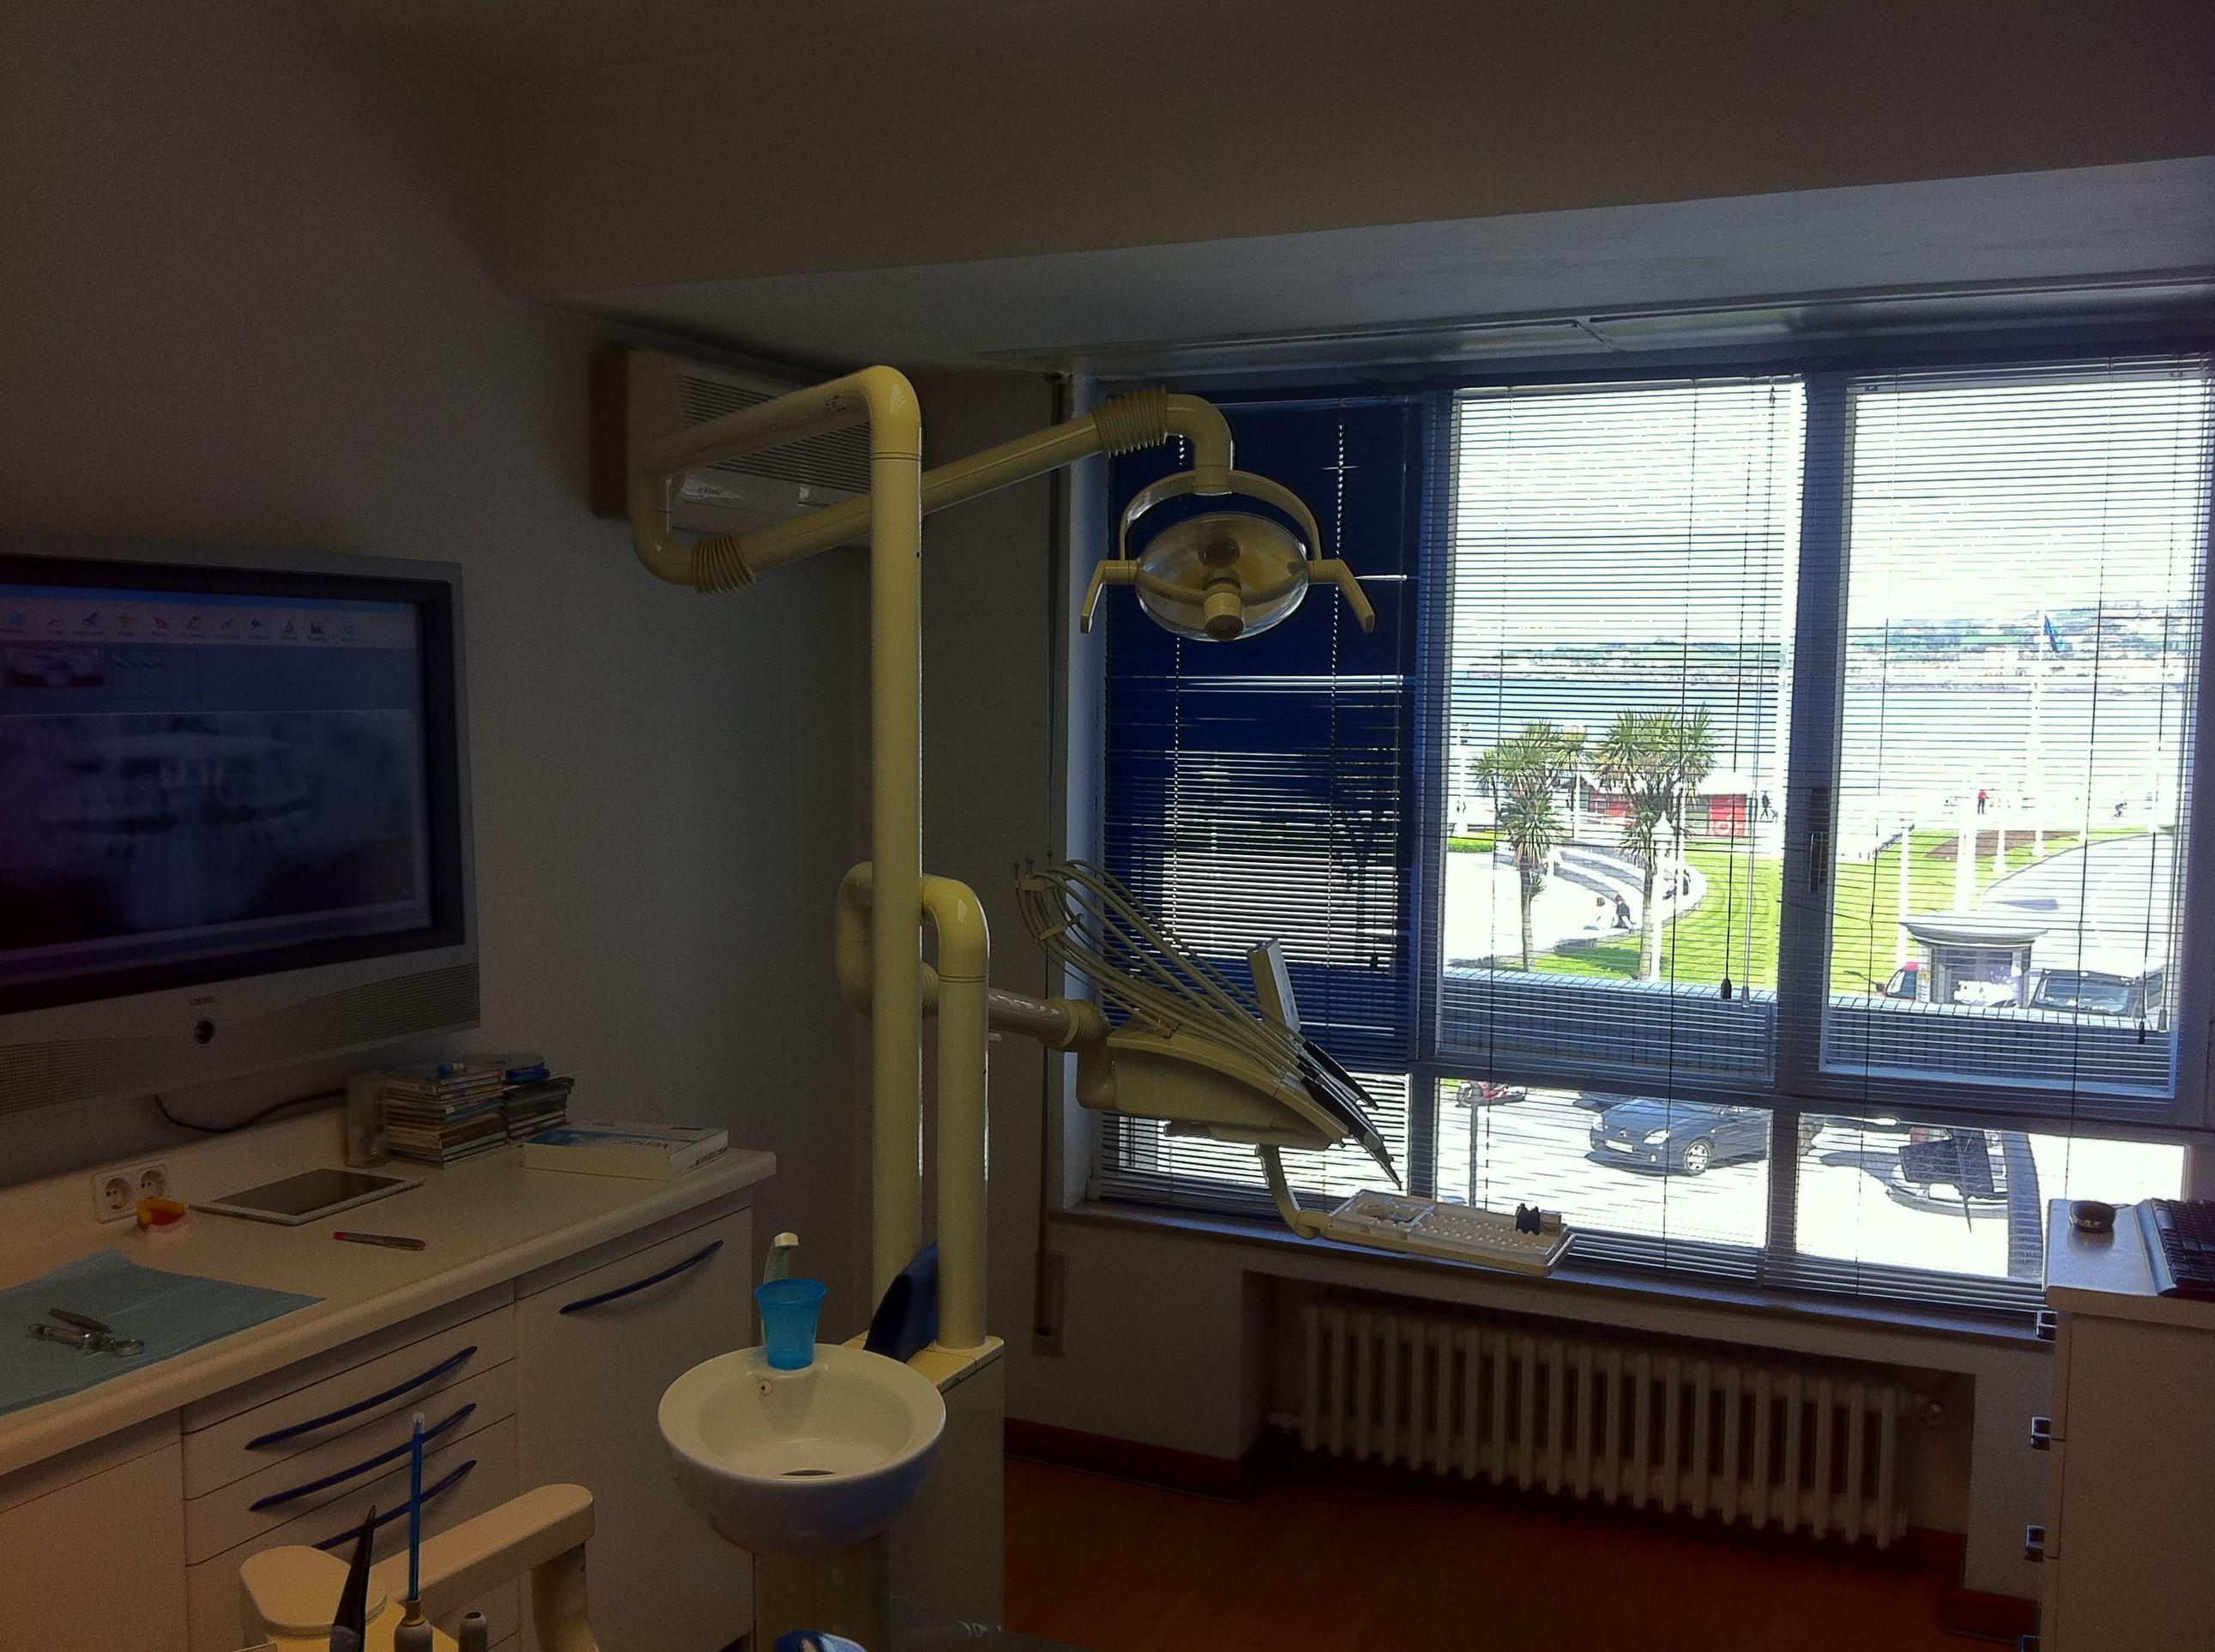 Foto 1 de Clínicas dentales en Gijón | Clínica Dental Santiago G. Fdez. - Nespral